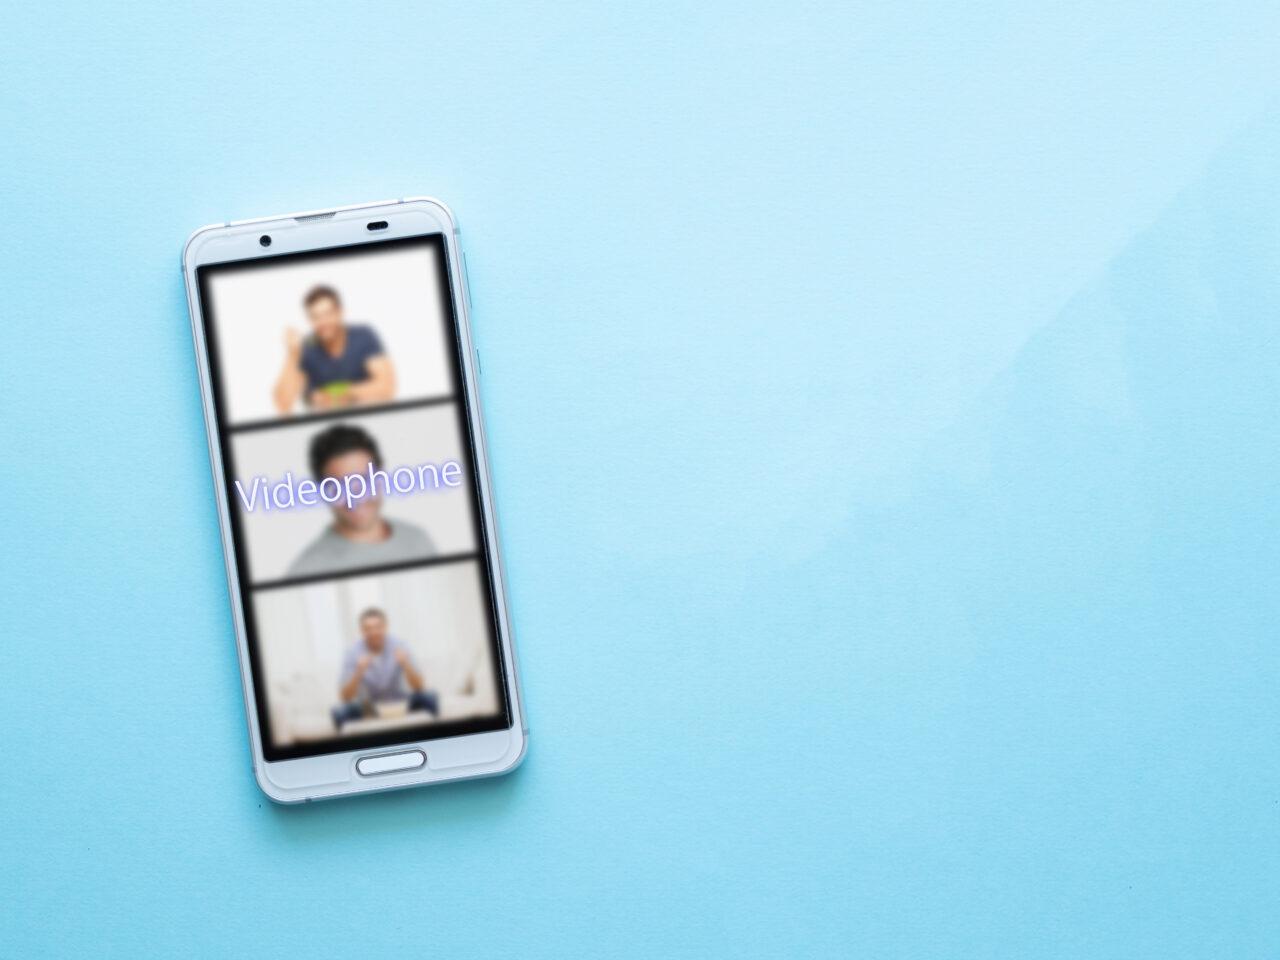 Zoom(ズーム)をスマホで横向きにしたい!横向きにならない場合の対処法は?【iPhone&Android】のサムネイル画像